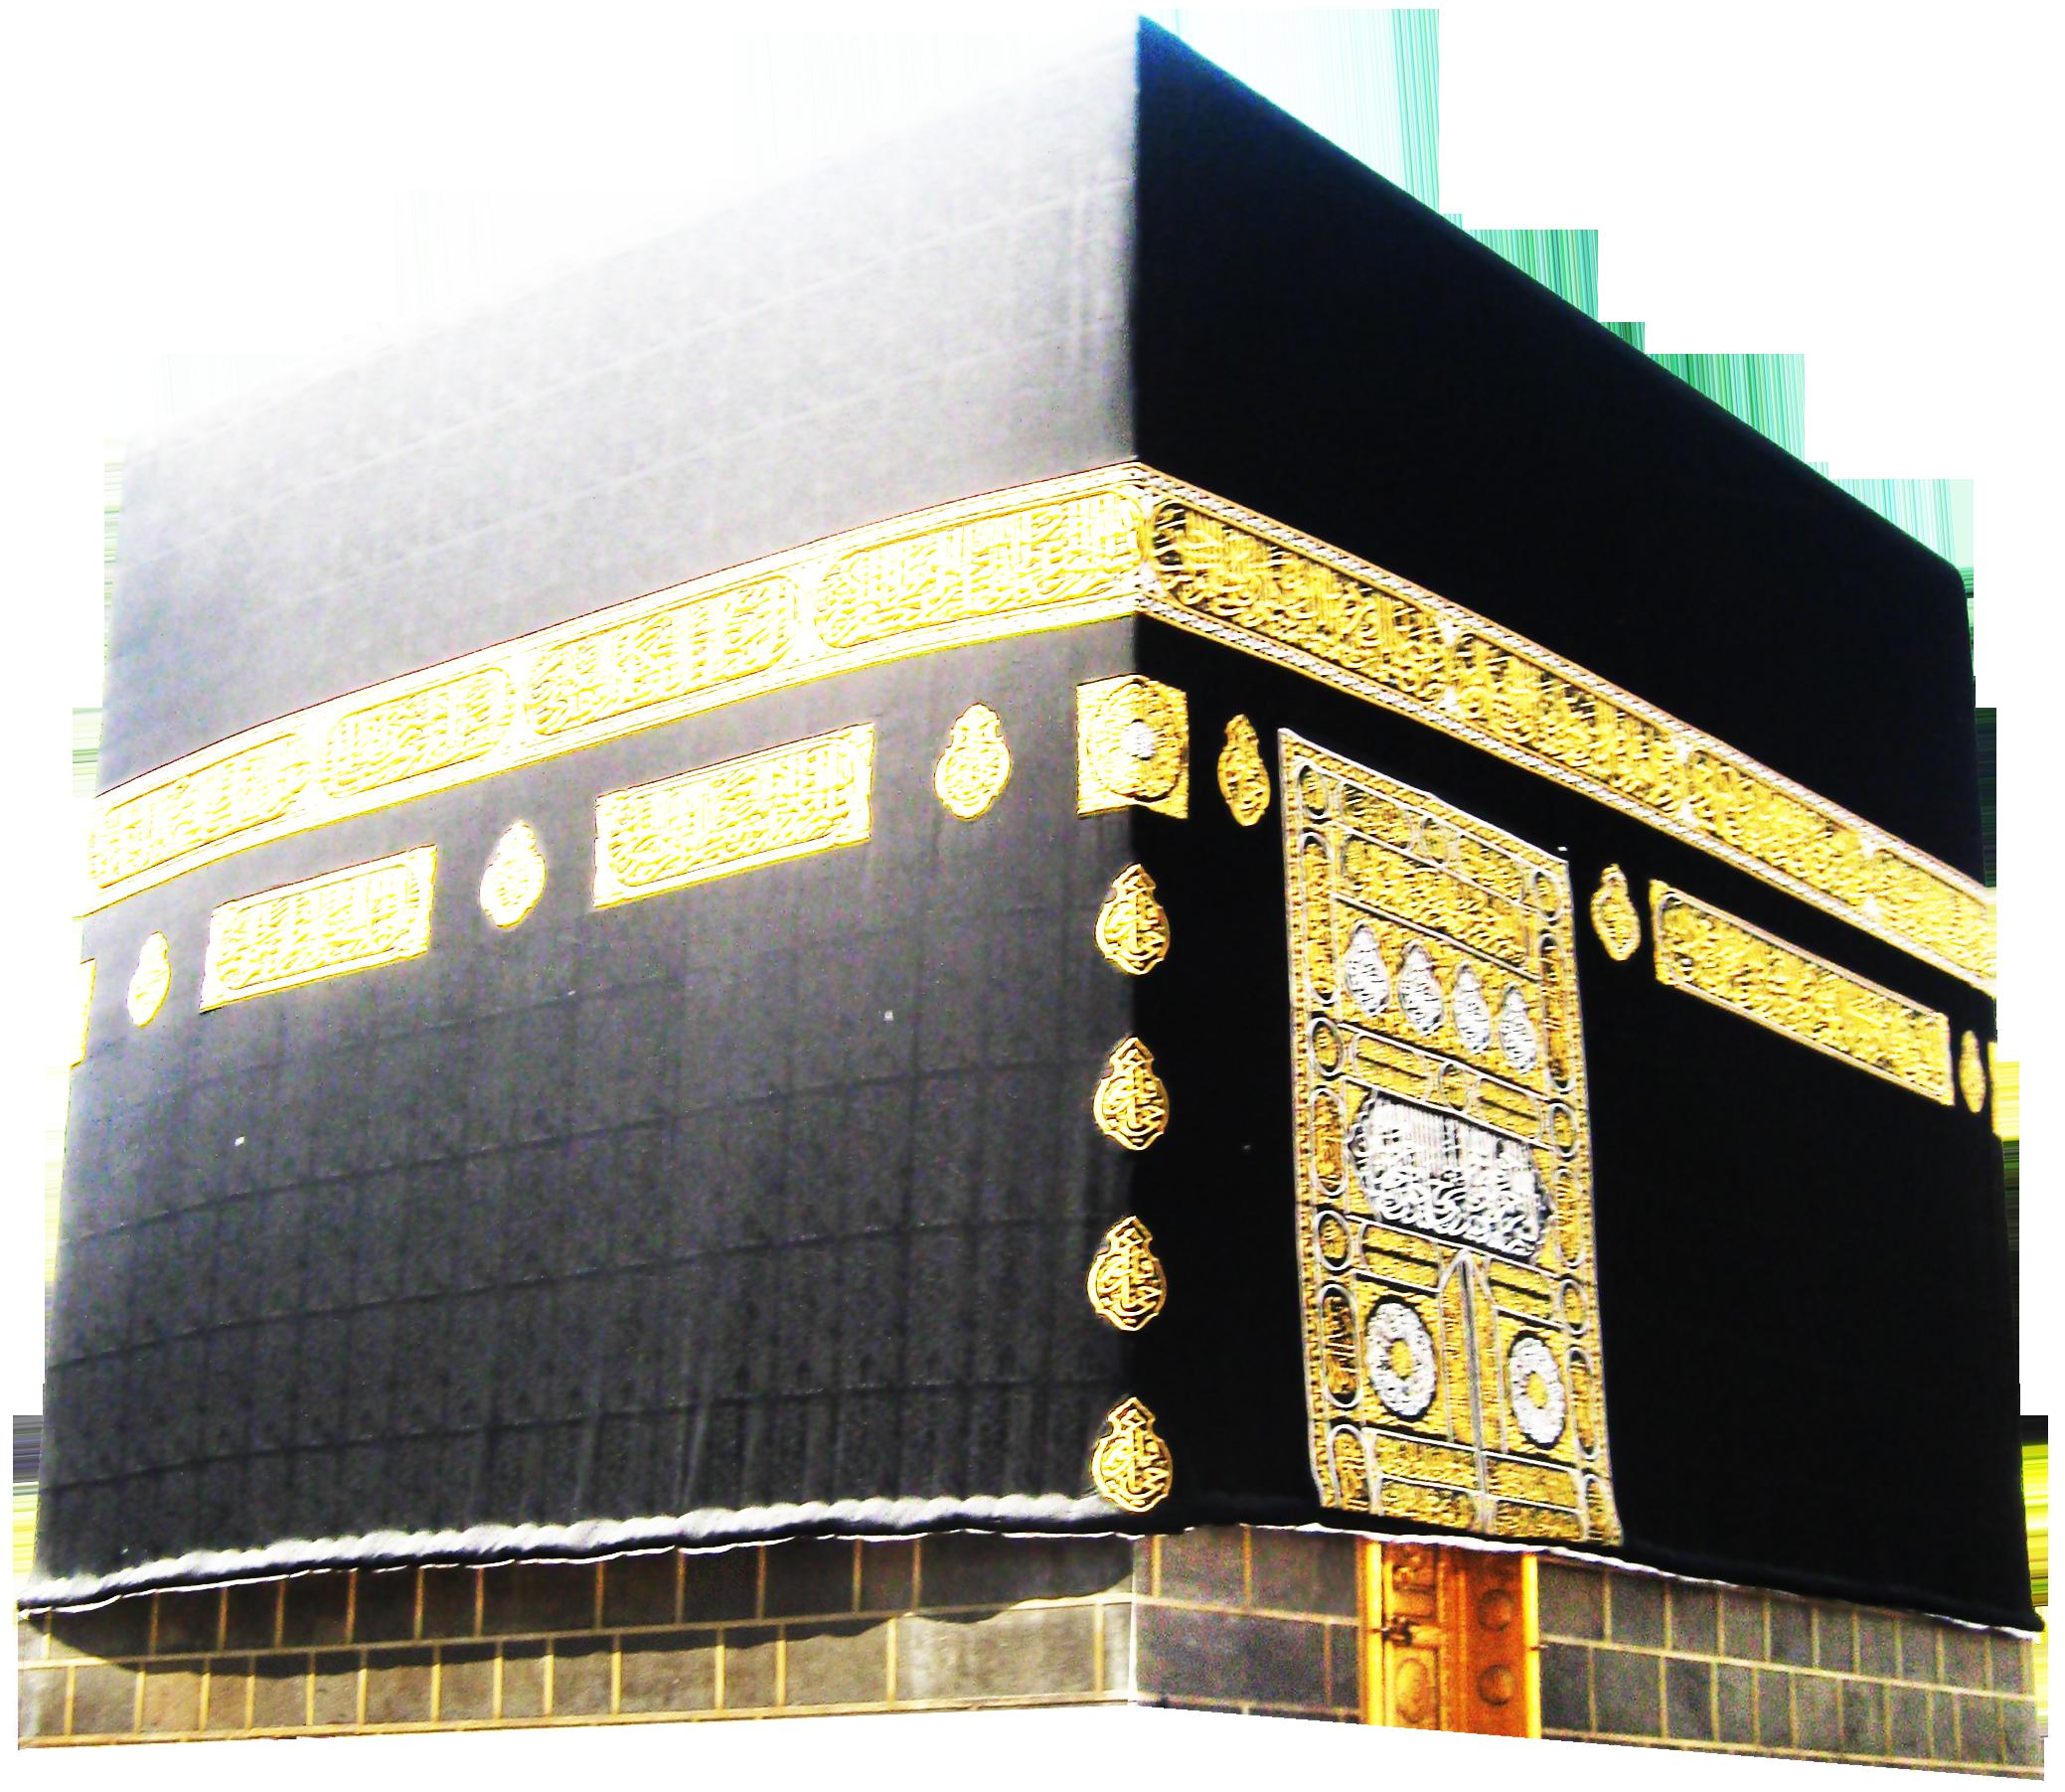 صور الكعبة المشرفة دقة عالية مفرغة الخلفية Phone Wallpaper Images Photoshop Backgrounds Free Islamic Wallpaper